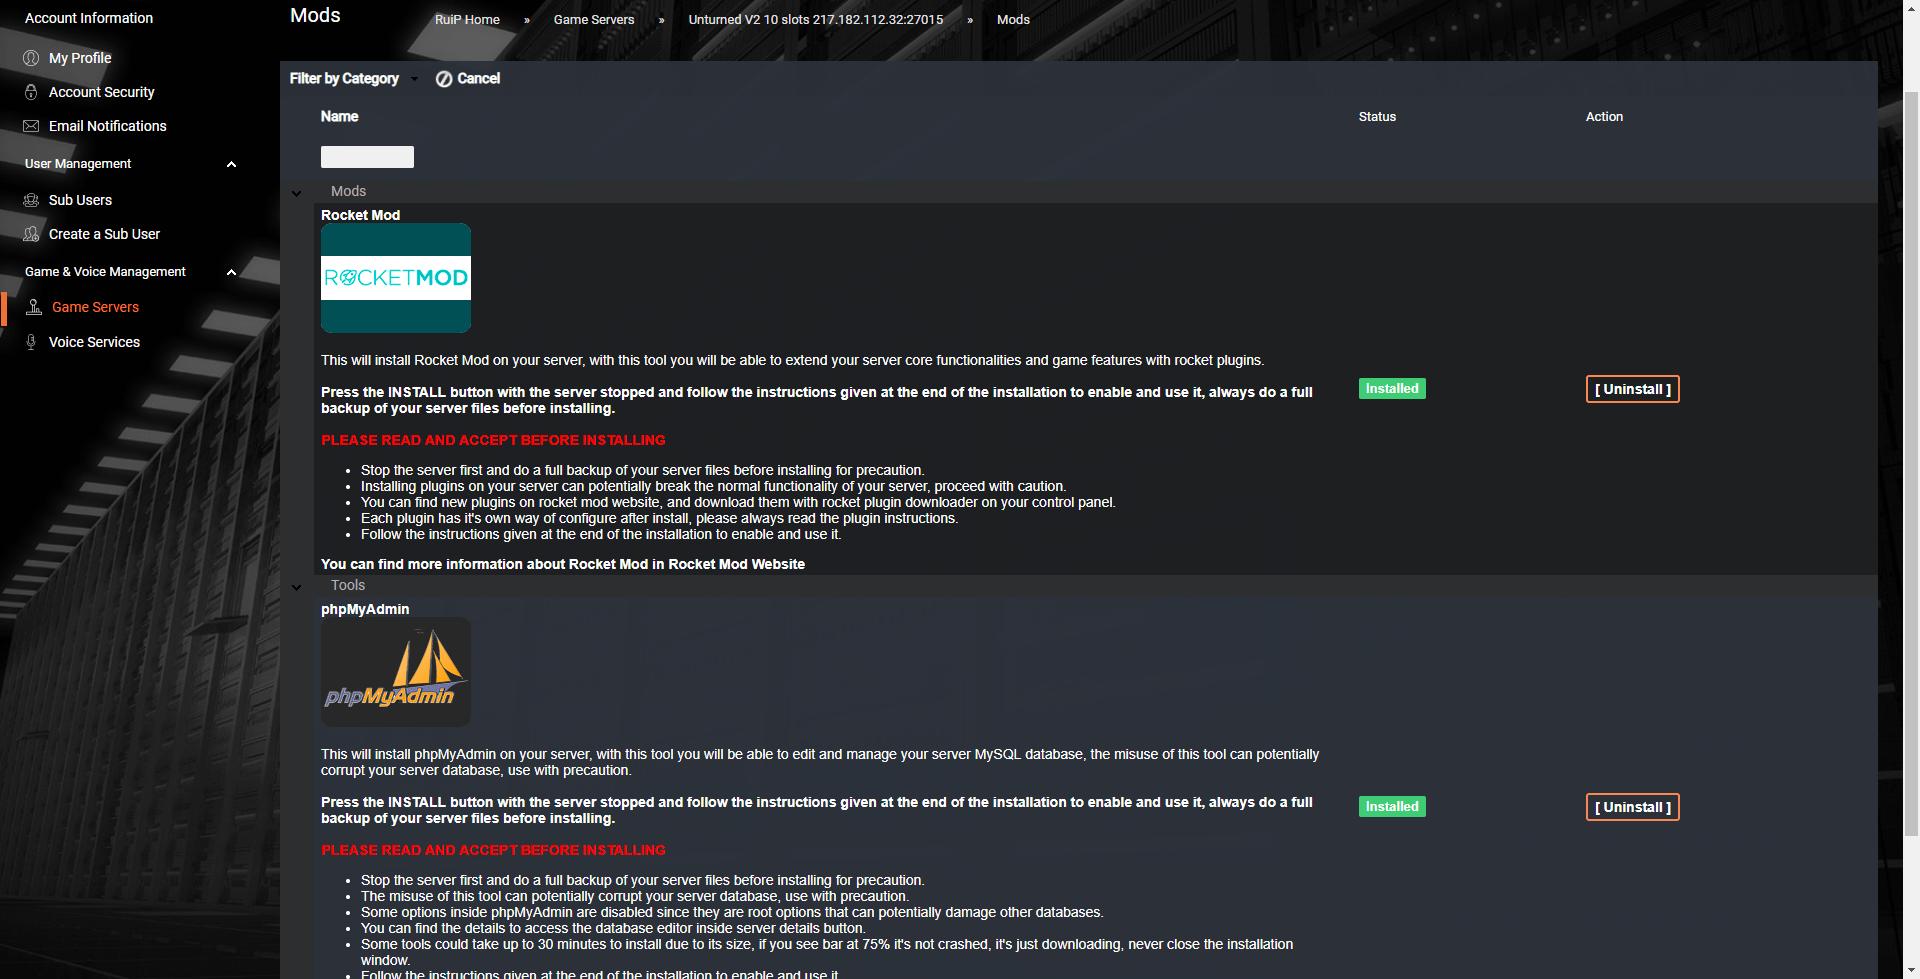 Хостинг для unturned бесплатно создание своего хостинга с 0